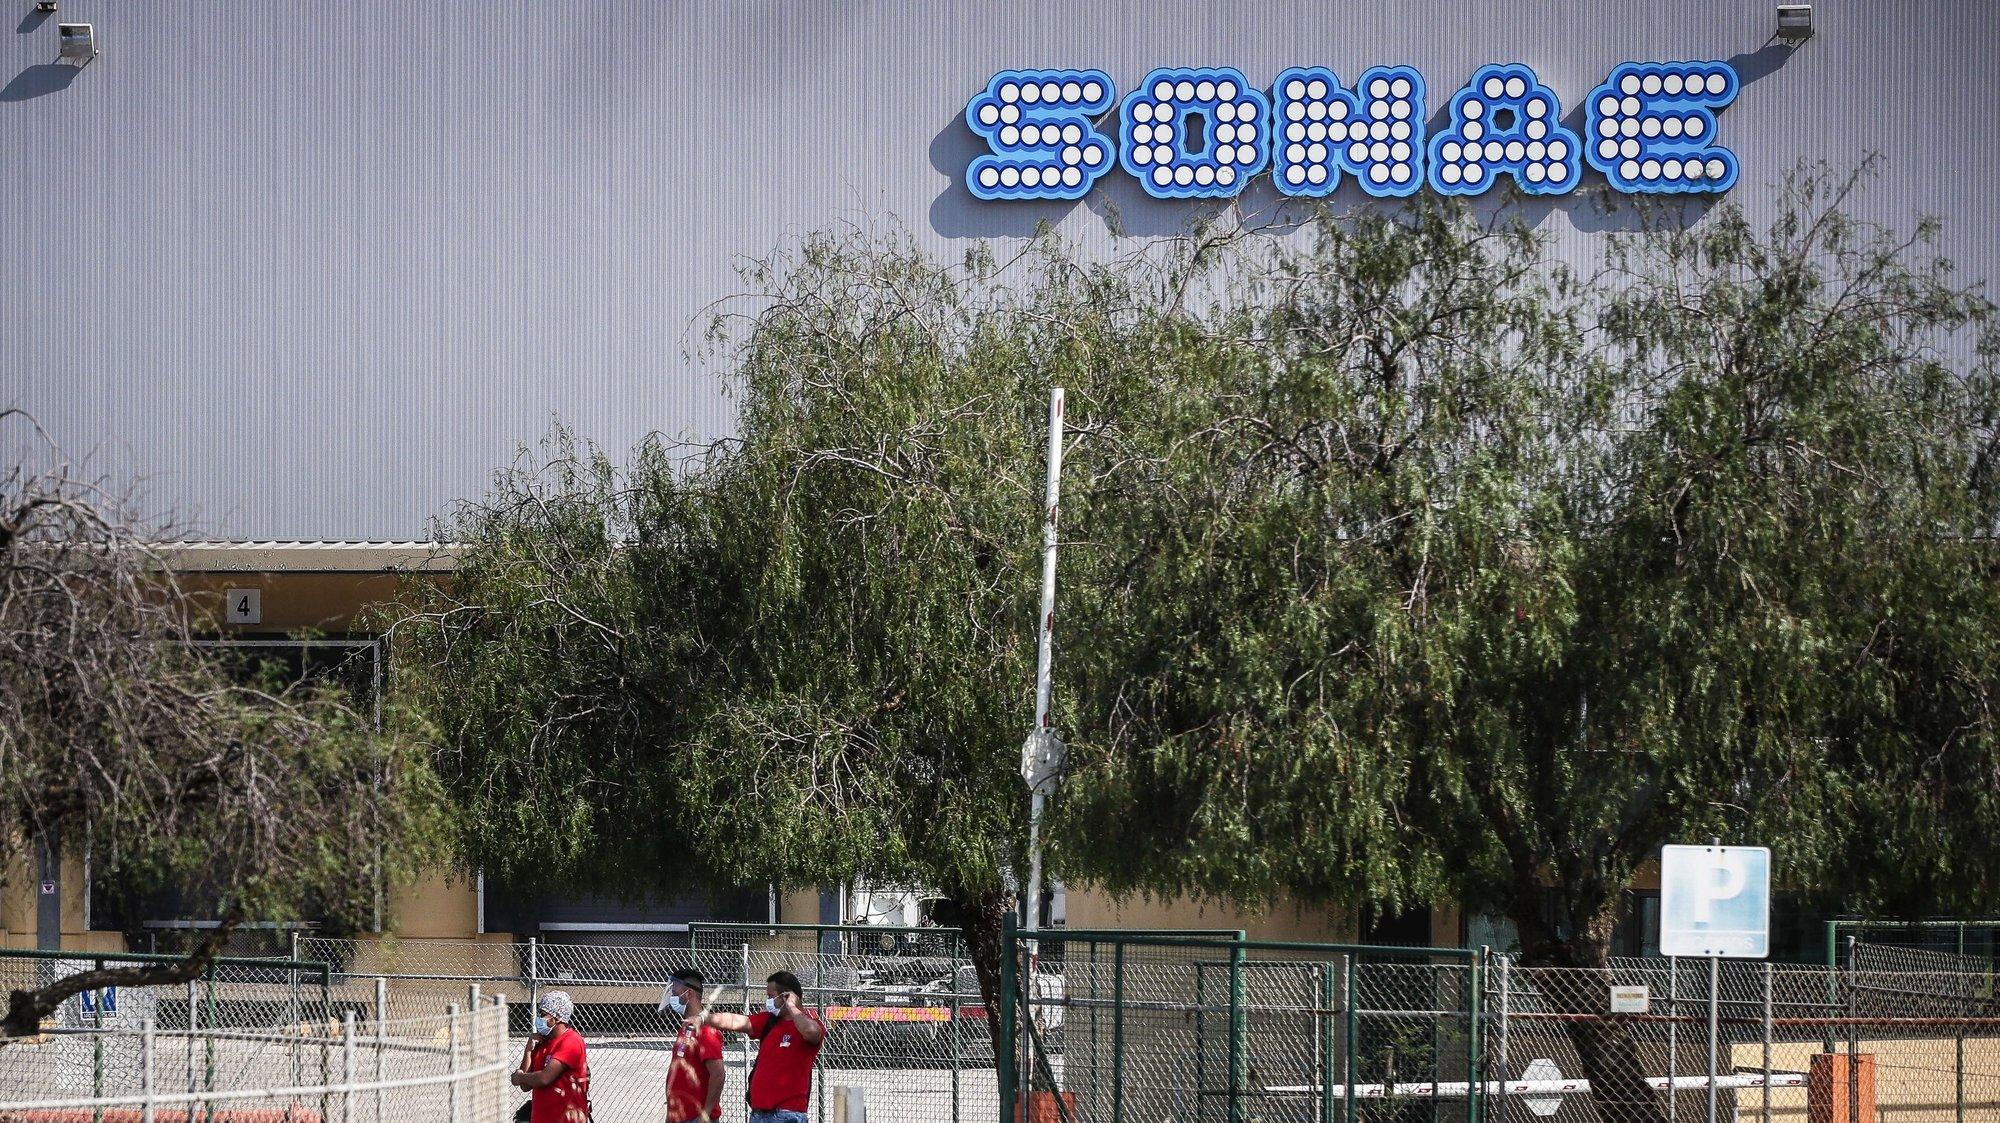 Trabalhadores da Sonae à saída das instalações da empresa na Plataforma Logística de Azambuja, Azambuja, 27 de maio de 2020. Perto de 350 trabalhadores da Sonae, na Azambuja, já fizeram o teste à covid-19 e 121 testaram positivos. Na empresa de produtos alimentares Avipronto, que se encontra na mesma plataforma logística, foram detetados 101 casos positivos. MÁRIO CRUZ/LUSA